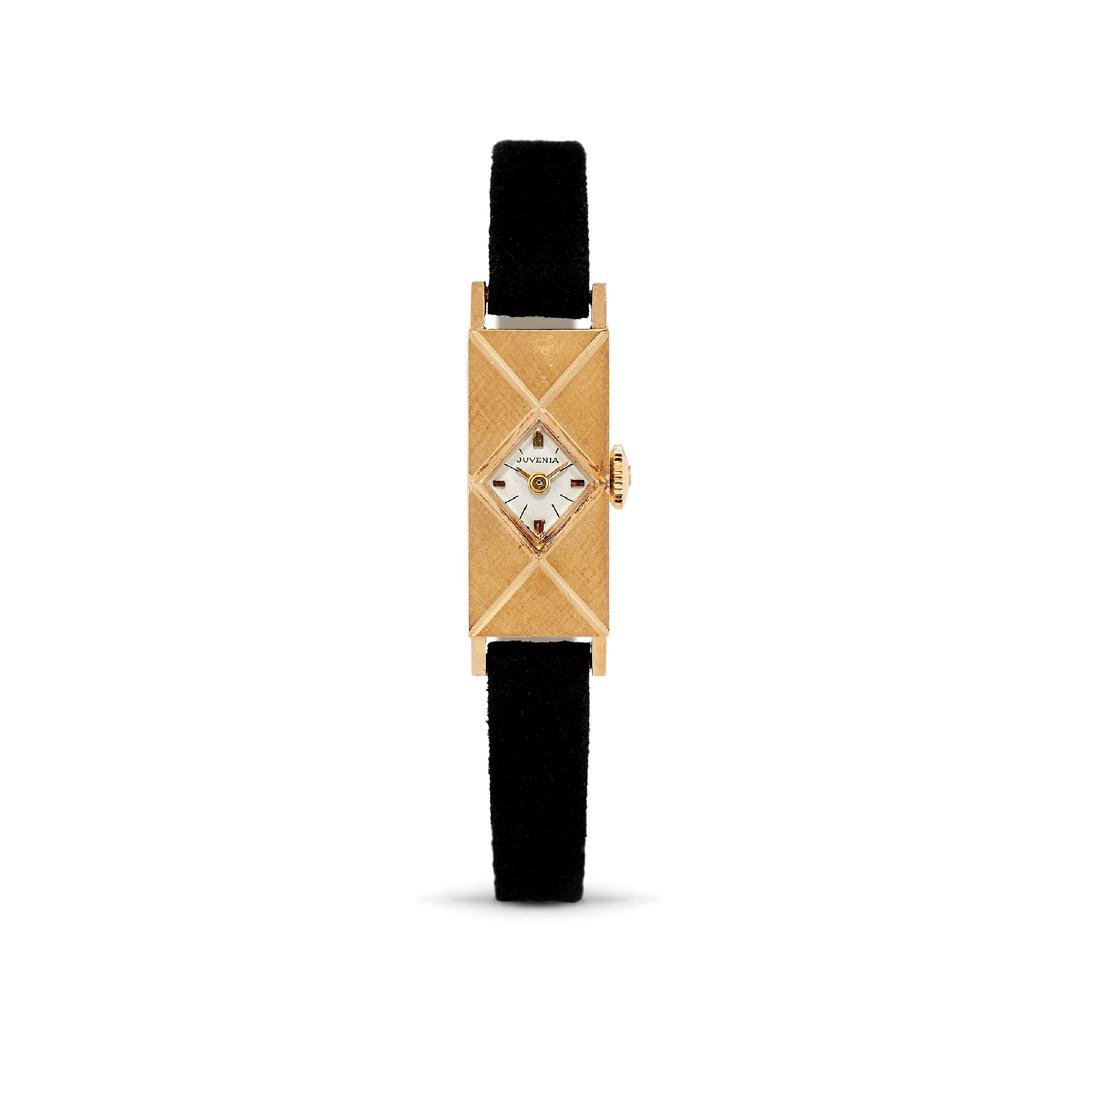 Juvenia  - A 18K gold Juvenia lady's wristwatch